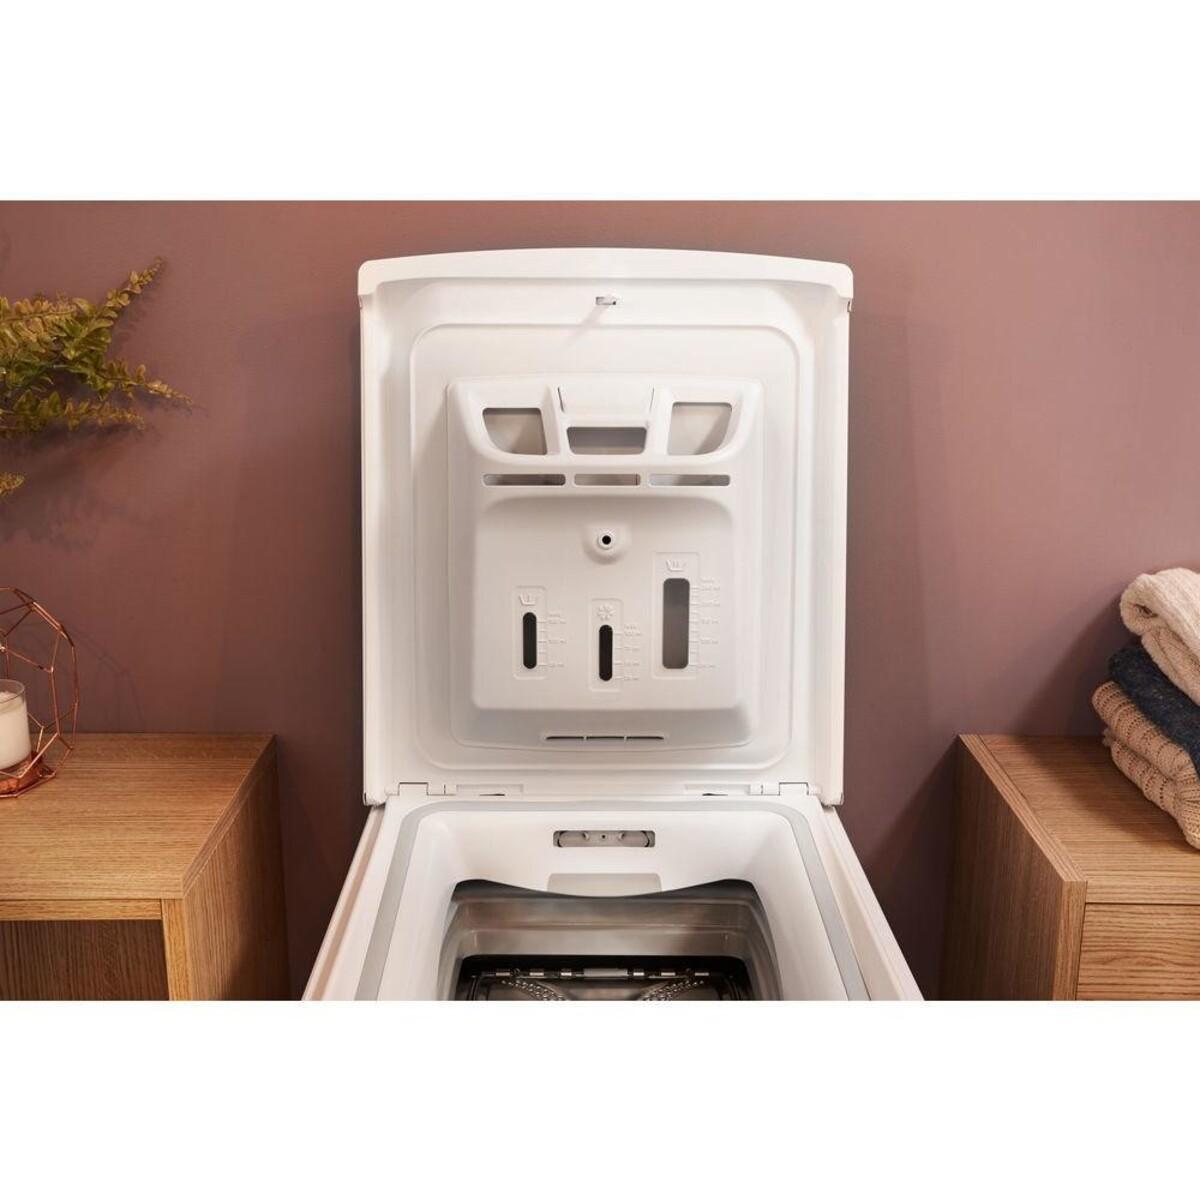 Bild 3 von BAUKNECHT WMT Pro 55U Waschmaschine (EEK: A++, 5,5 kg Fassungsvermögen, Mehrfachwasserschutz+, Mengenautomatik)